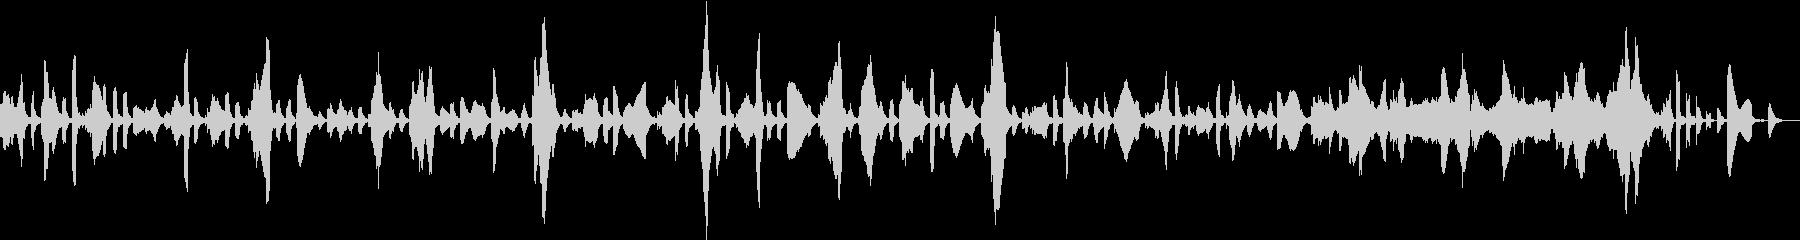 ストリングス&ピチカートをバックにエレ…の未再生の波形